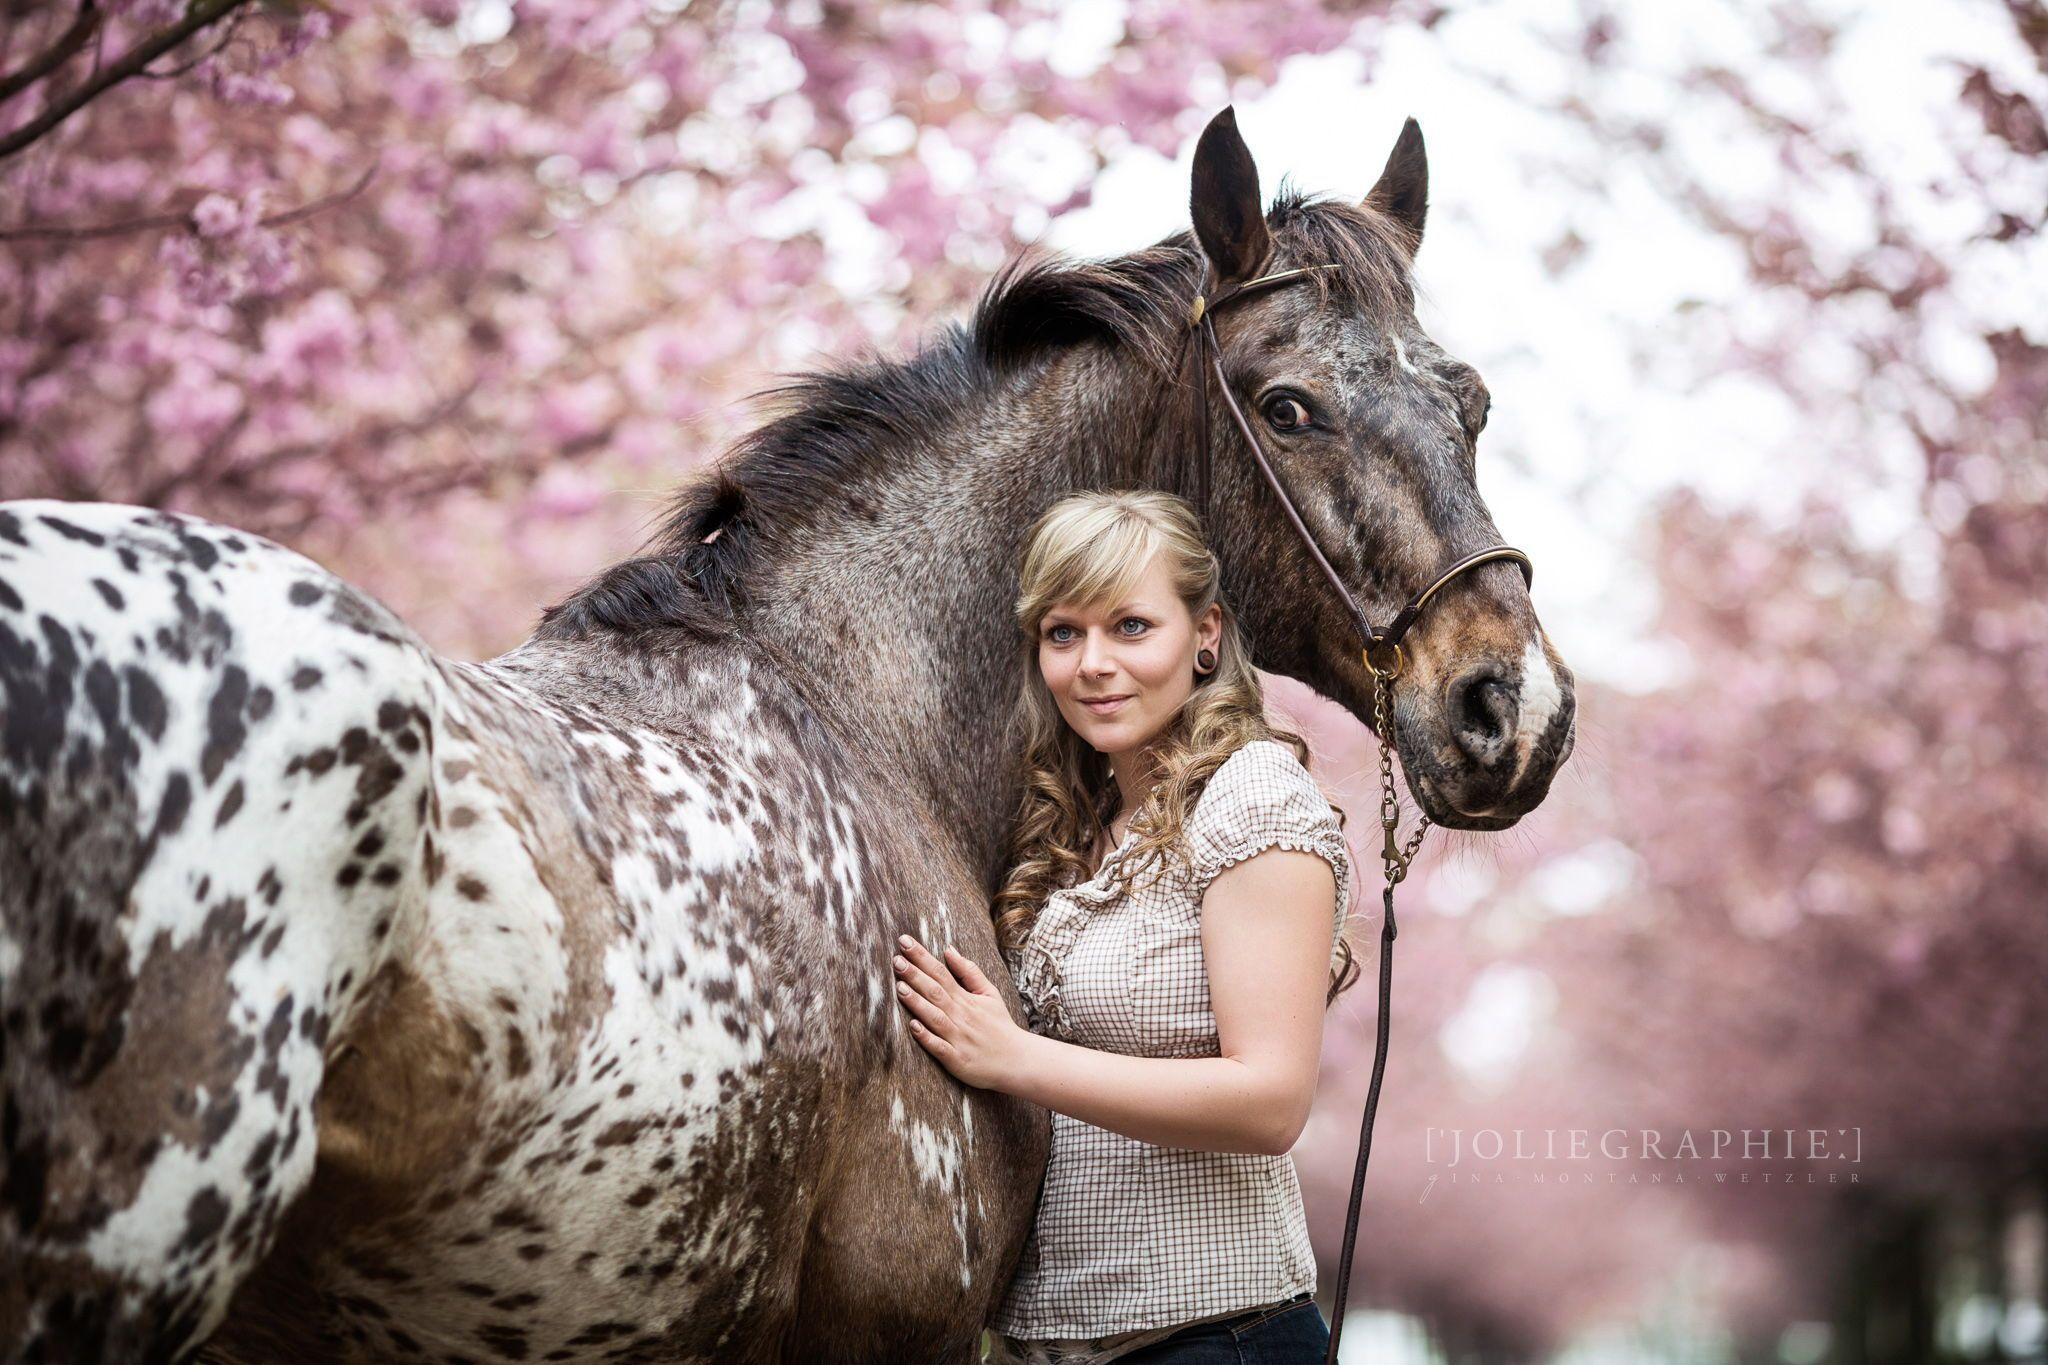 Frau und Pferd in Kirschblüten / Woman Horse in cherry